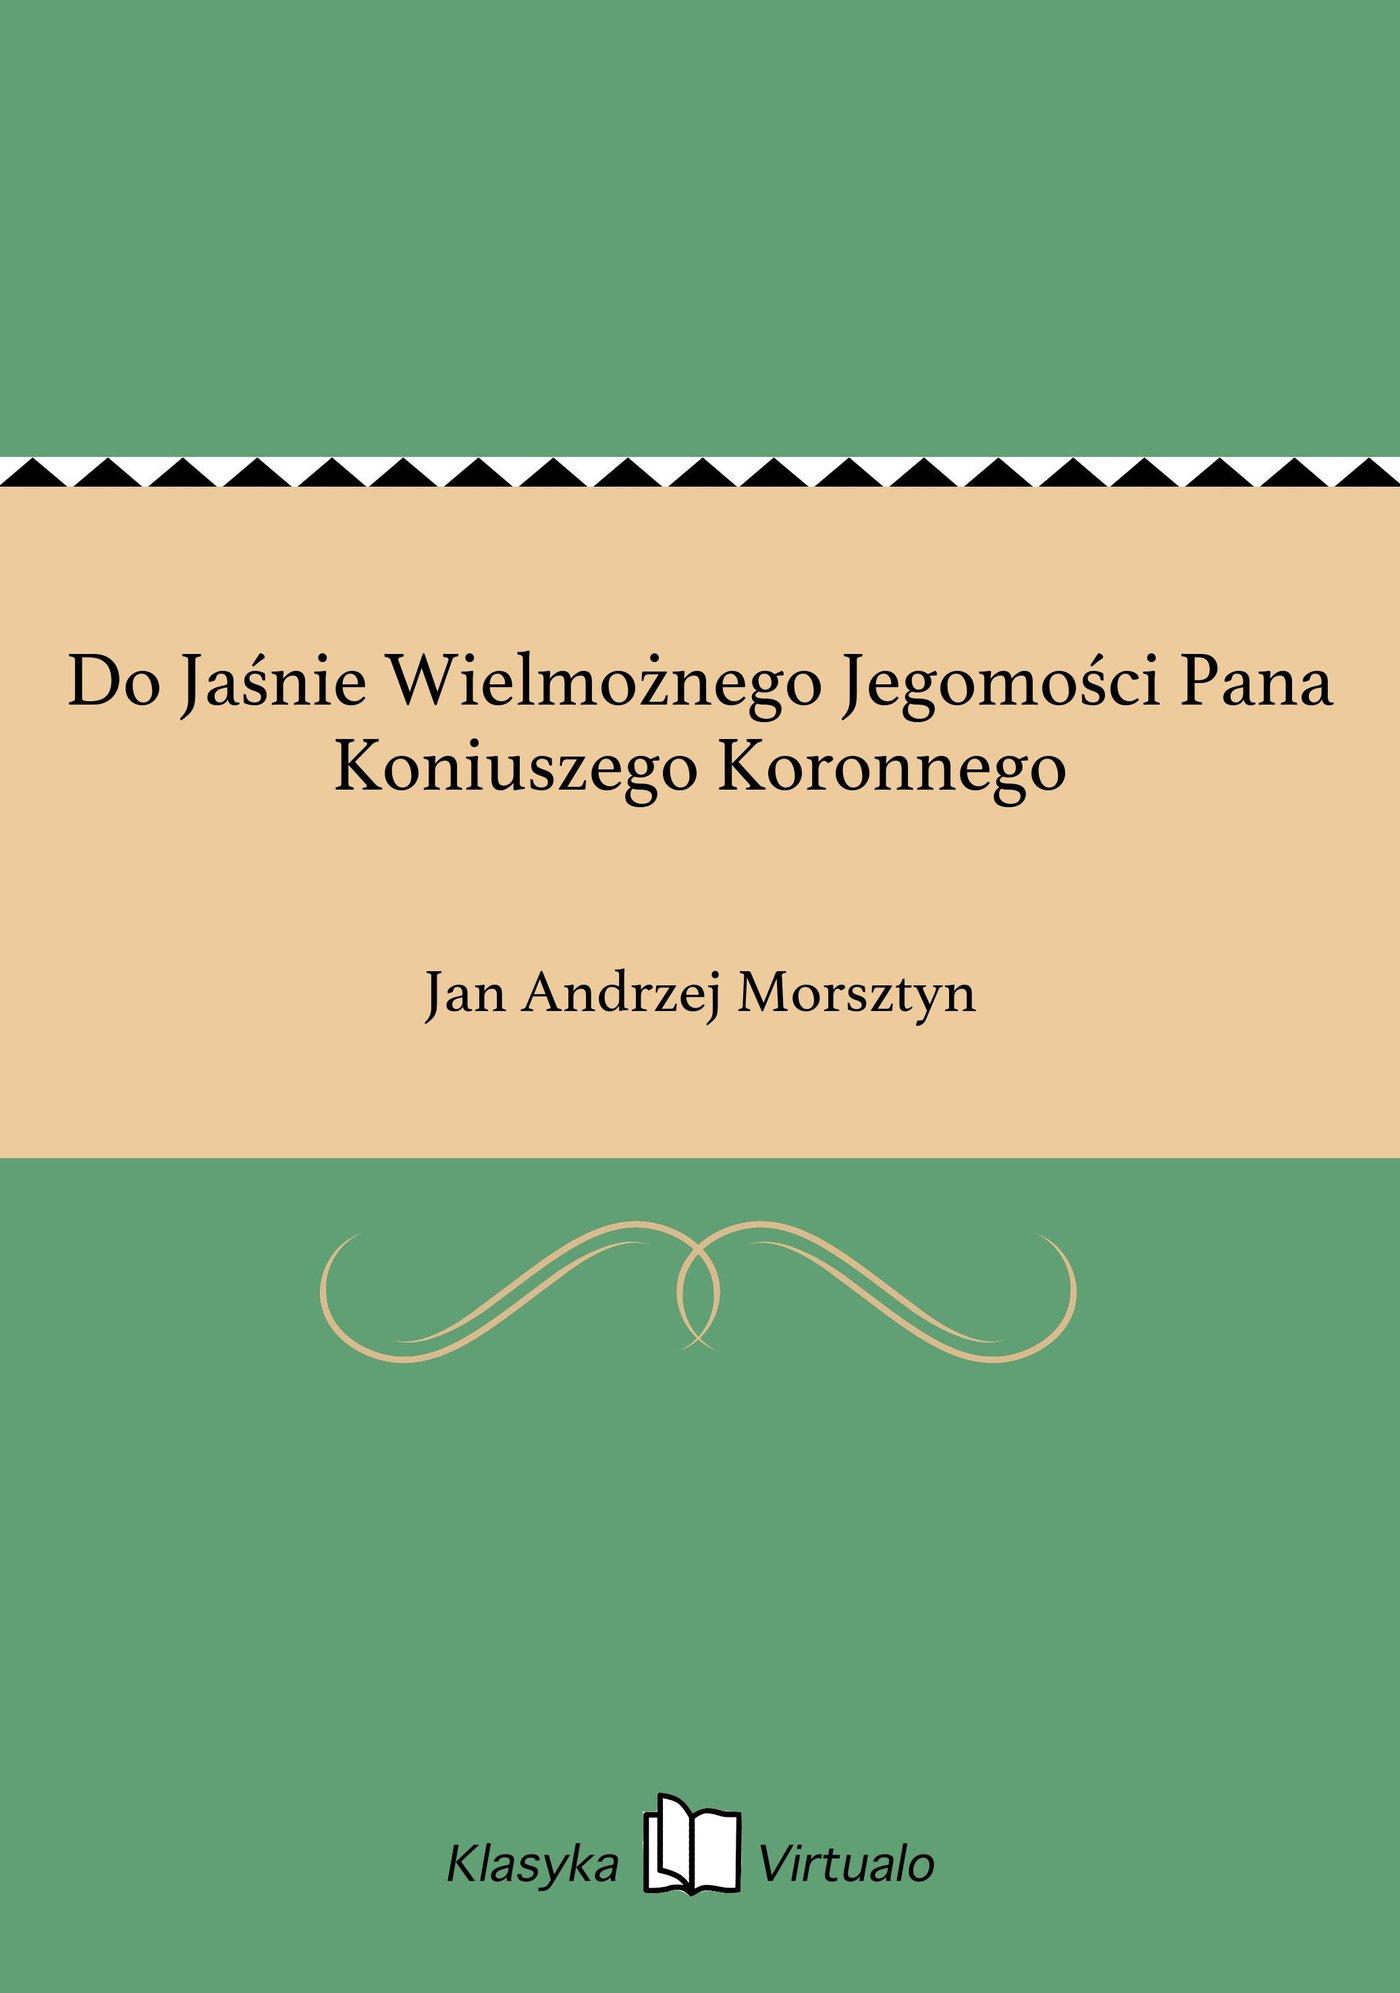 Do Jaśnie Wielmożnego Jegomości Pana Koniuszego Koronnego - Ebook (Książka EPUB) do pobrania w formacie EPUB